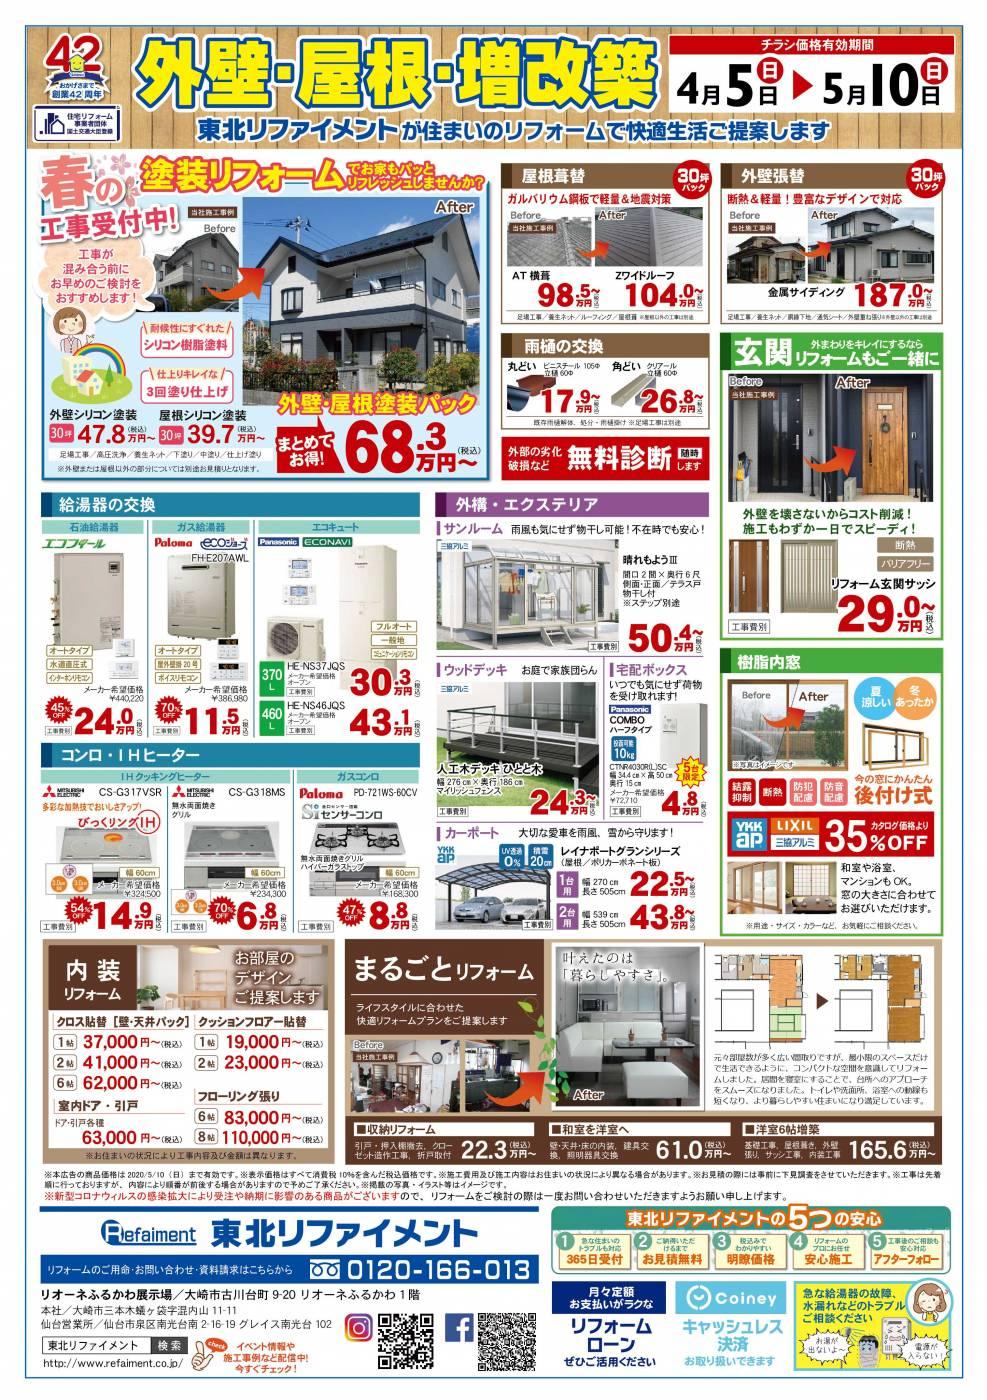 広告(2020_04_05~05_10) 春リフォームフェア B4 裏のコピー